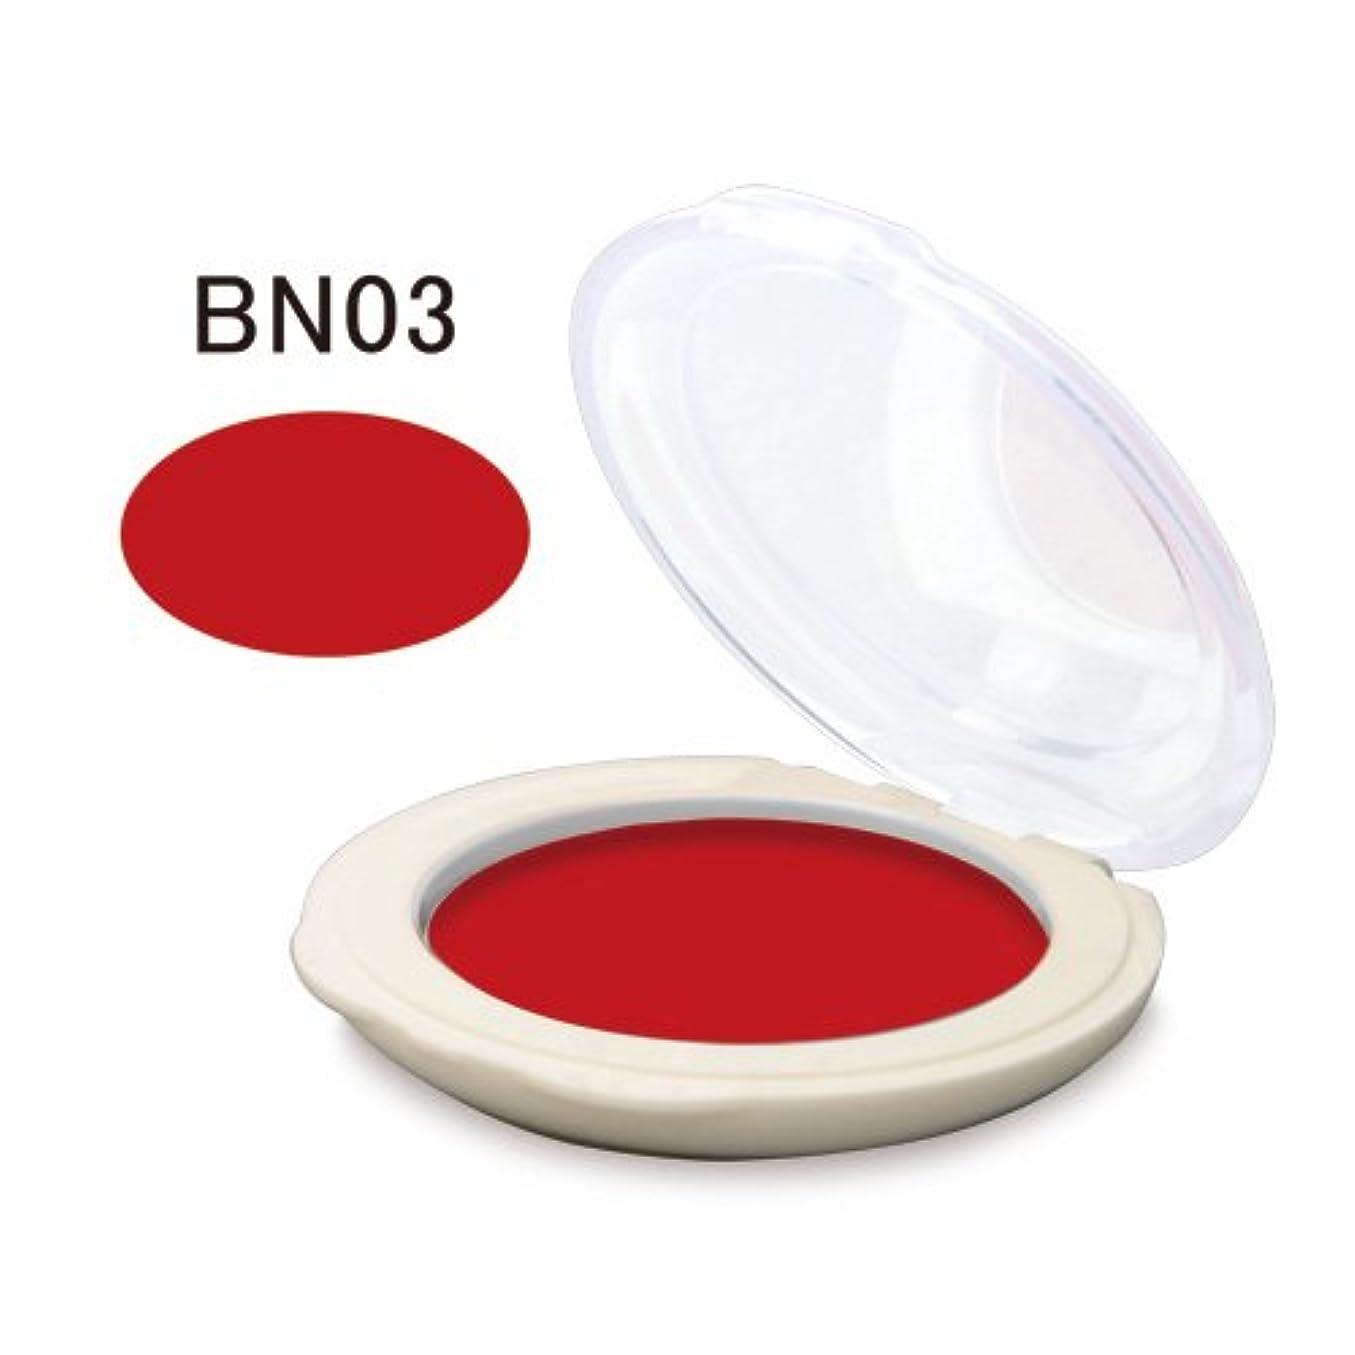 散らすロマンチック特異性舞台屋リップ(マット系) (BN03)